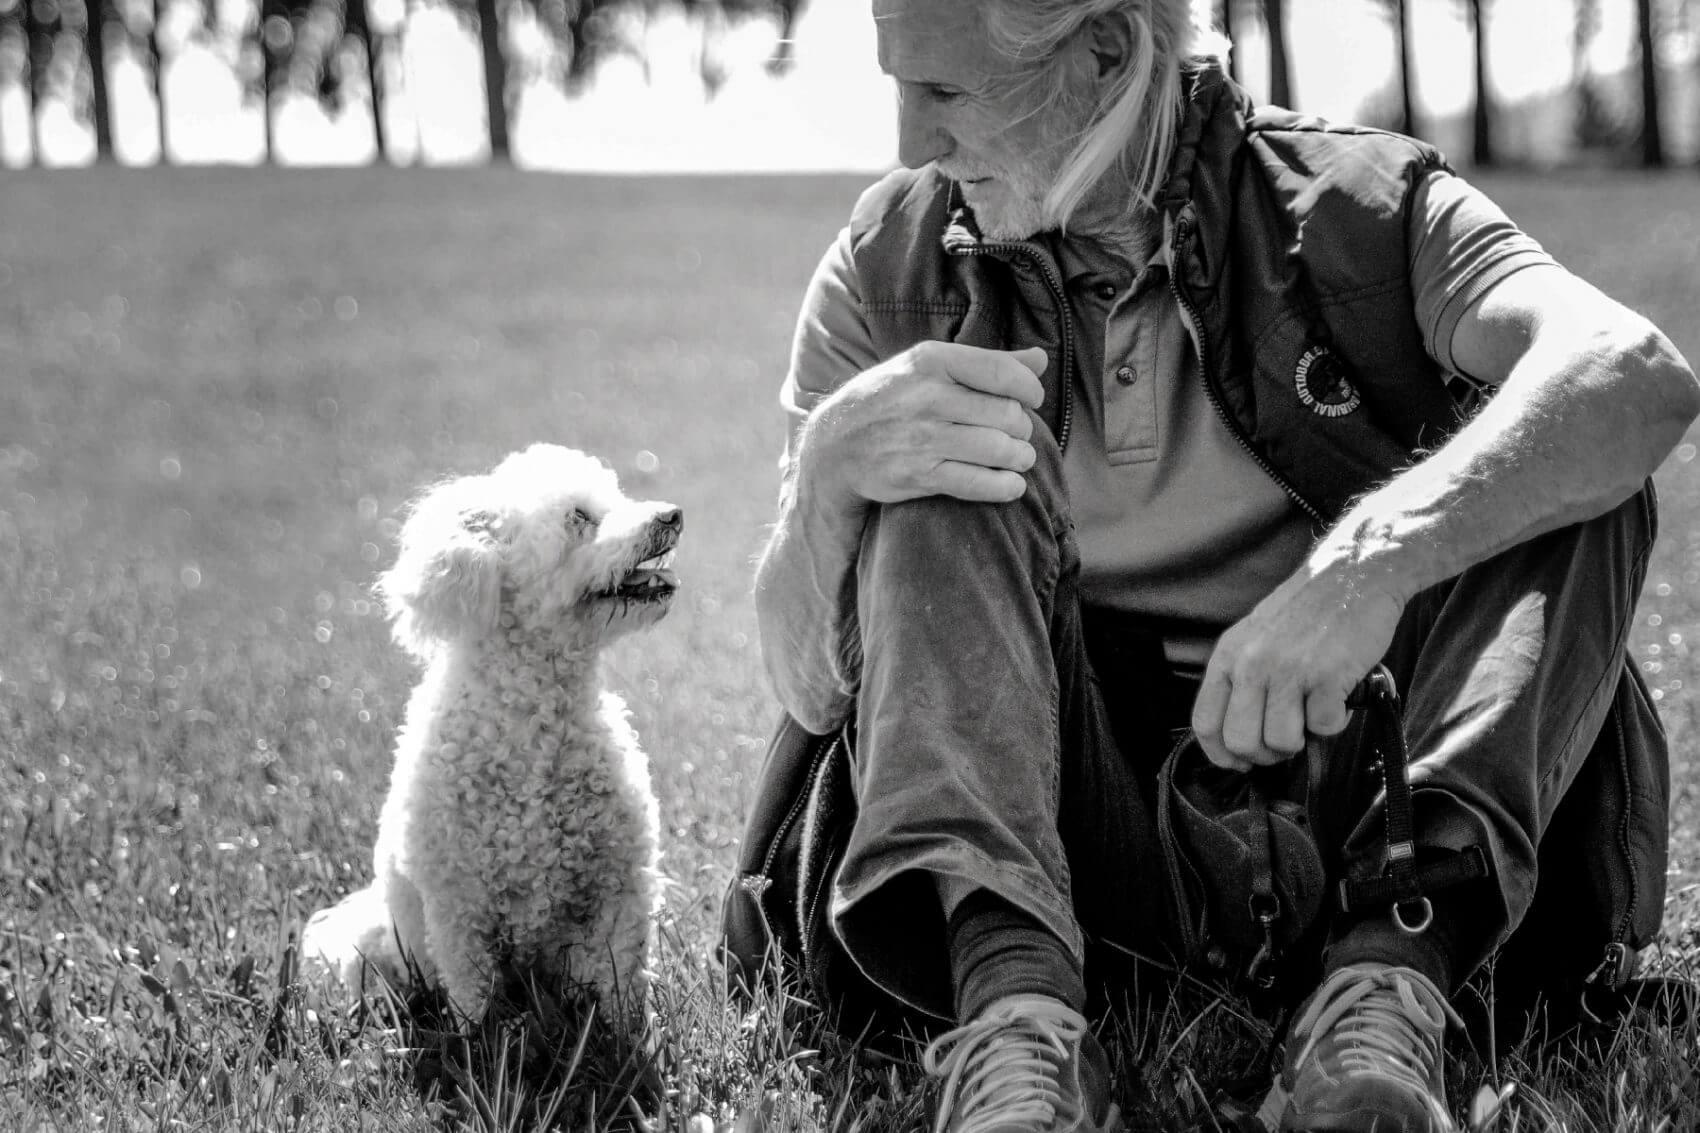 Tierfotografie I Menschen und Ihre Hunde I Hundefotografie I Katzenfotografie I Sensiebelfotografie im Allgäu. Mit Liebe zu Tieren unvergessliche Momente für immer festgehalten